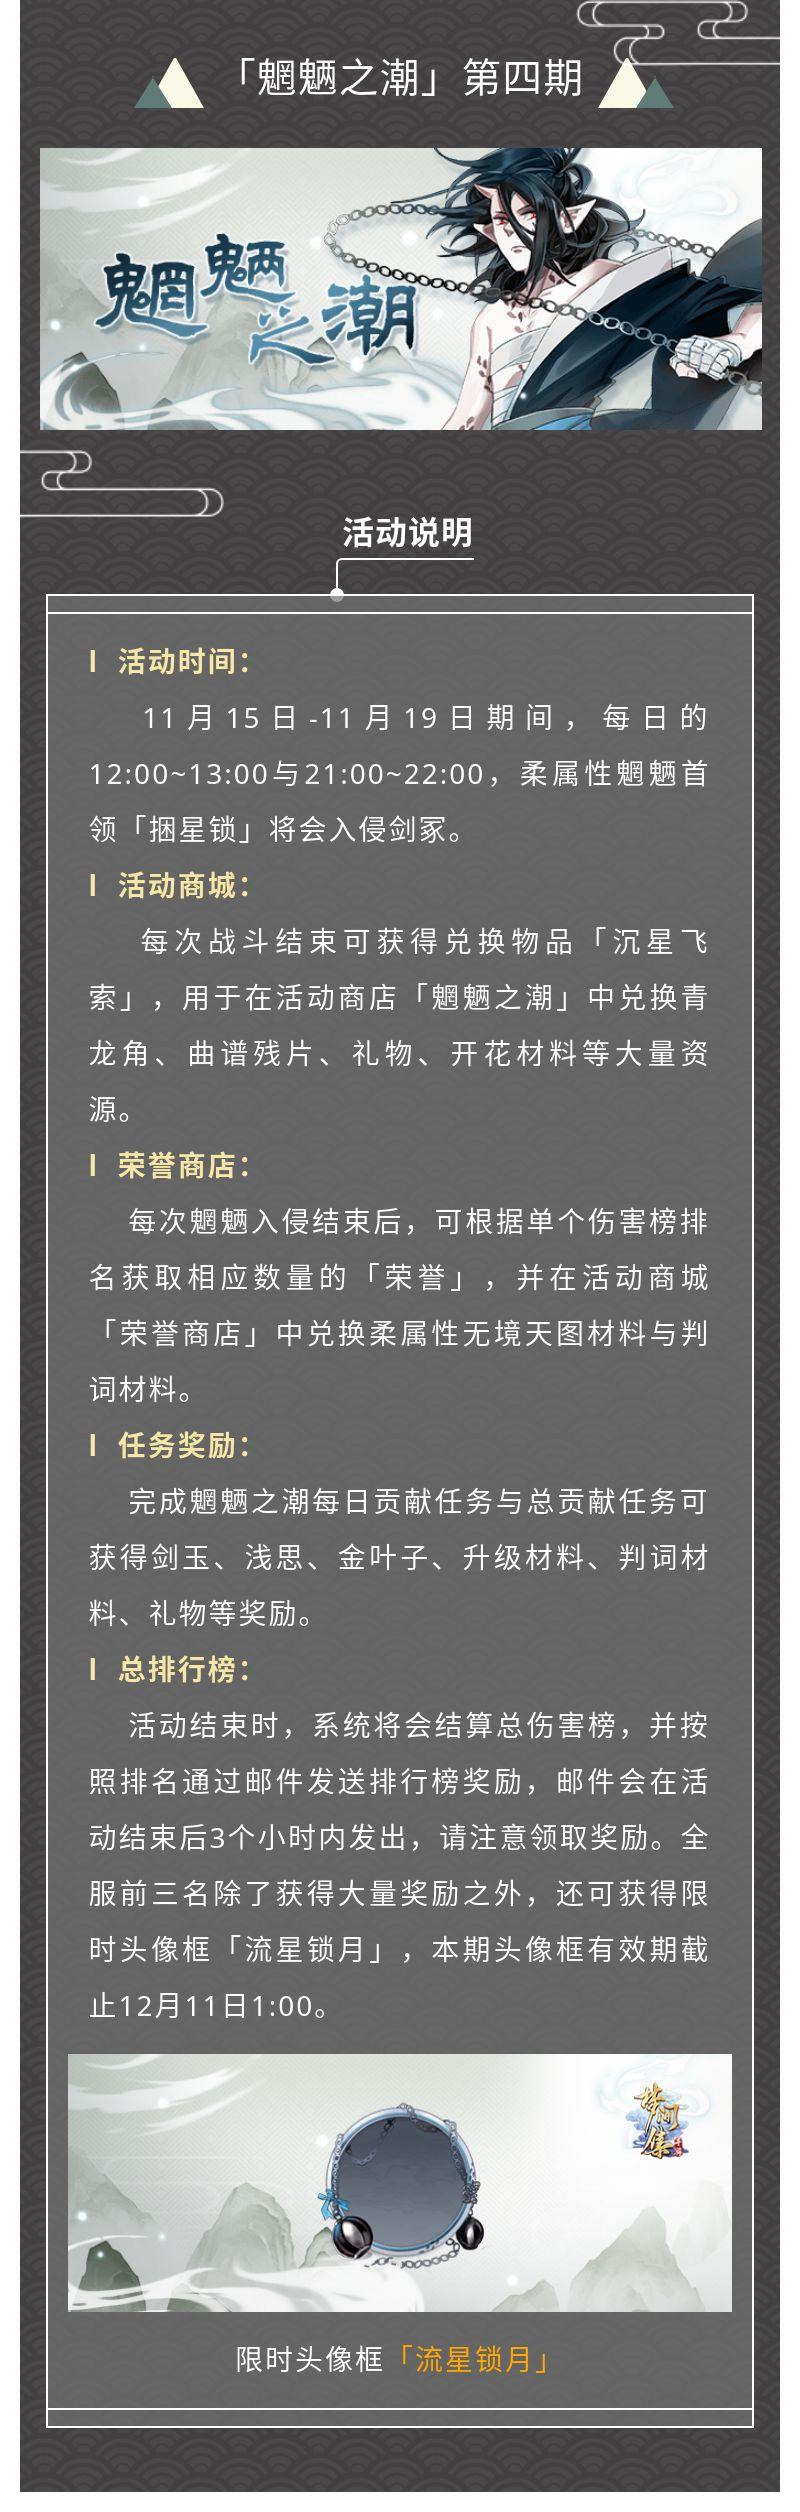 维护公告丨魍魉之潮第四期-魍魉之潮活动公告.jpg